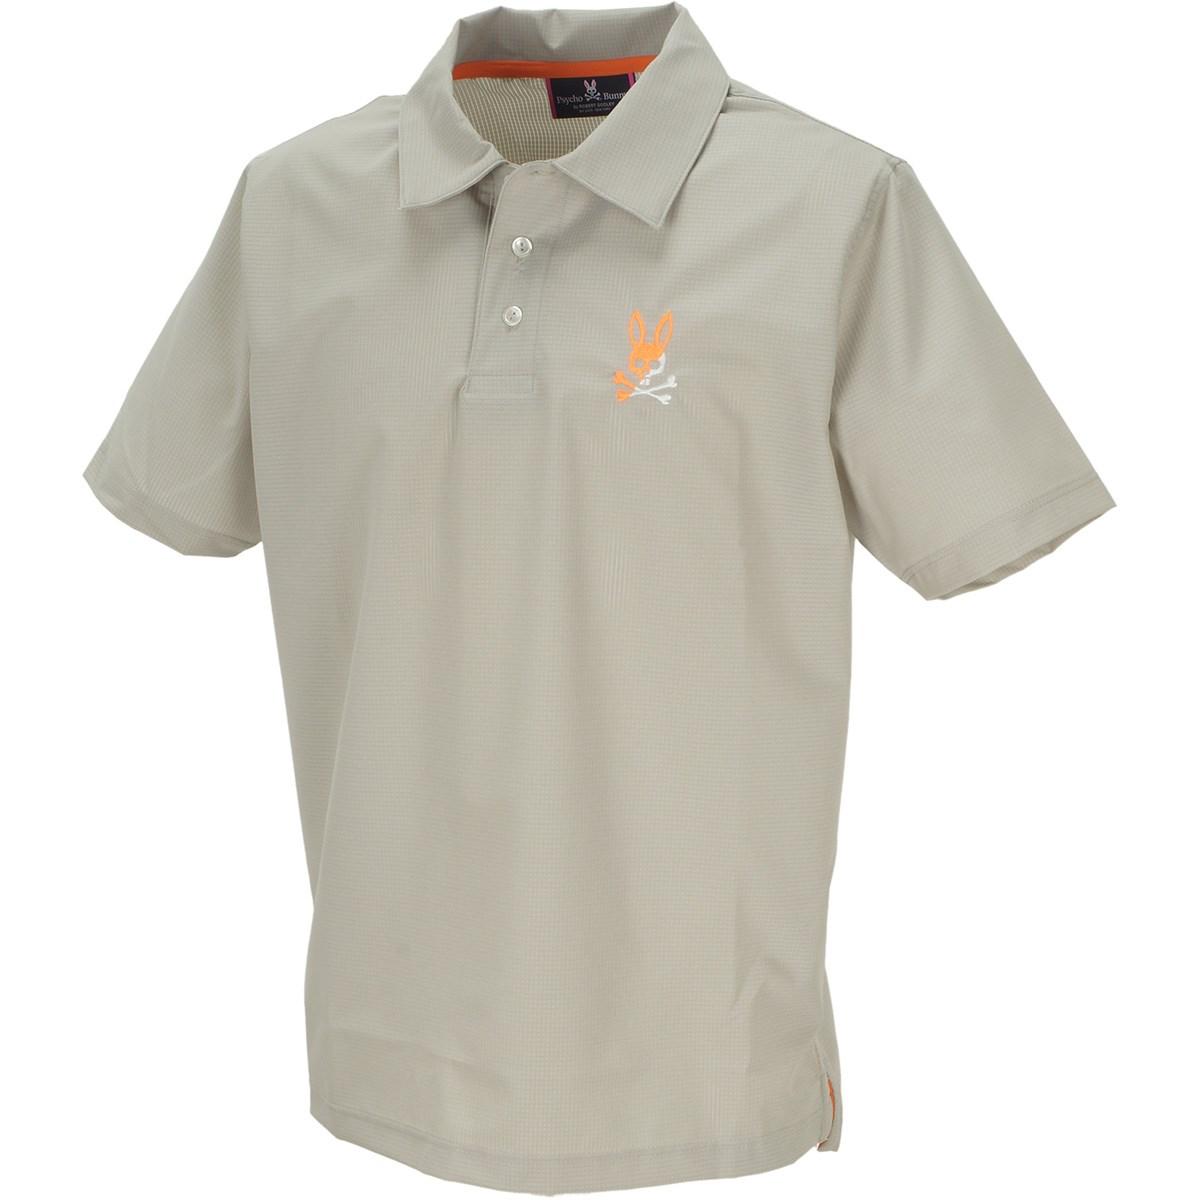 サイコバニー COOL DOTS スプリットバニー 半袖ポロシャツ